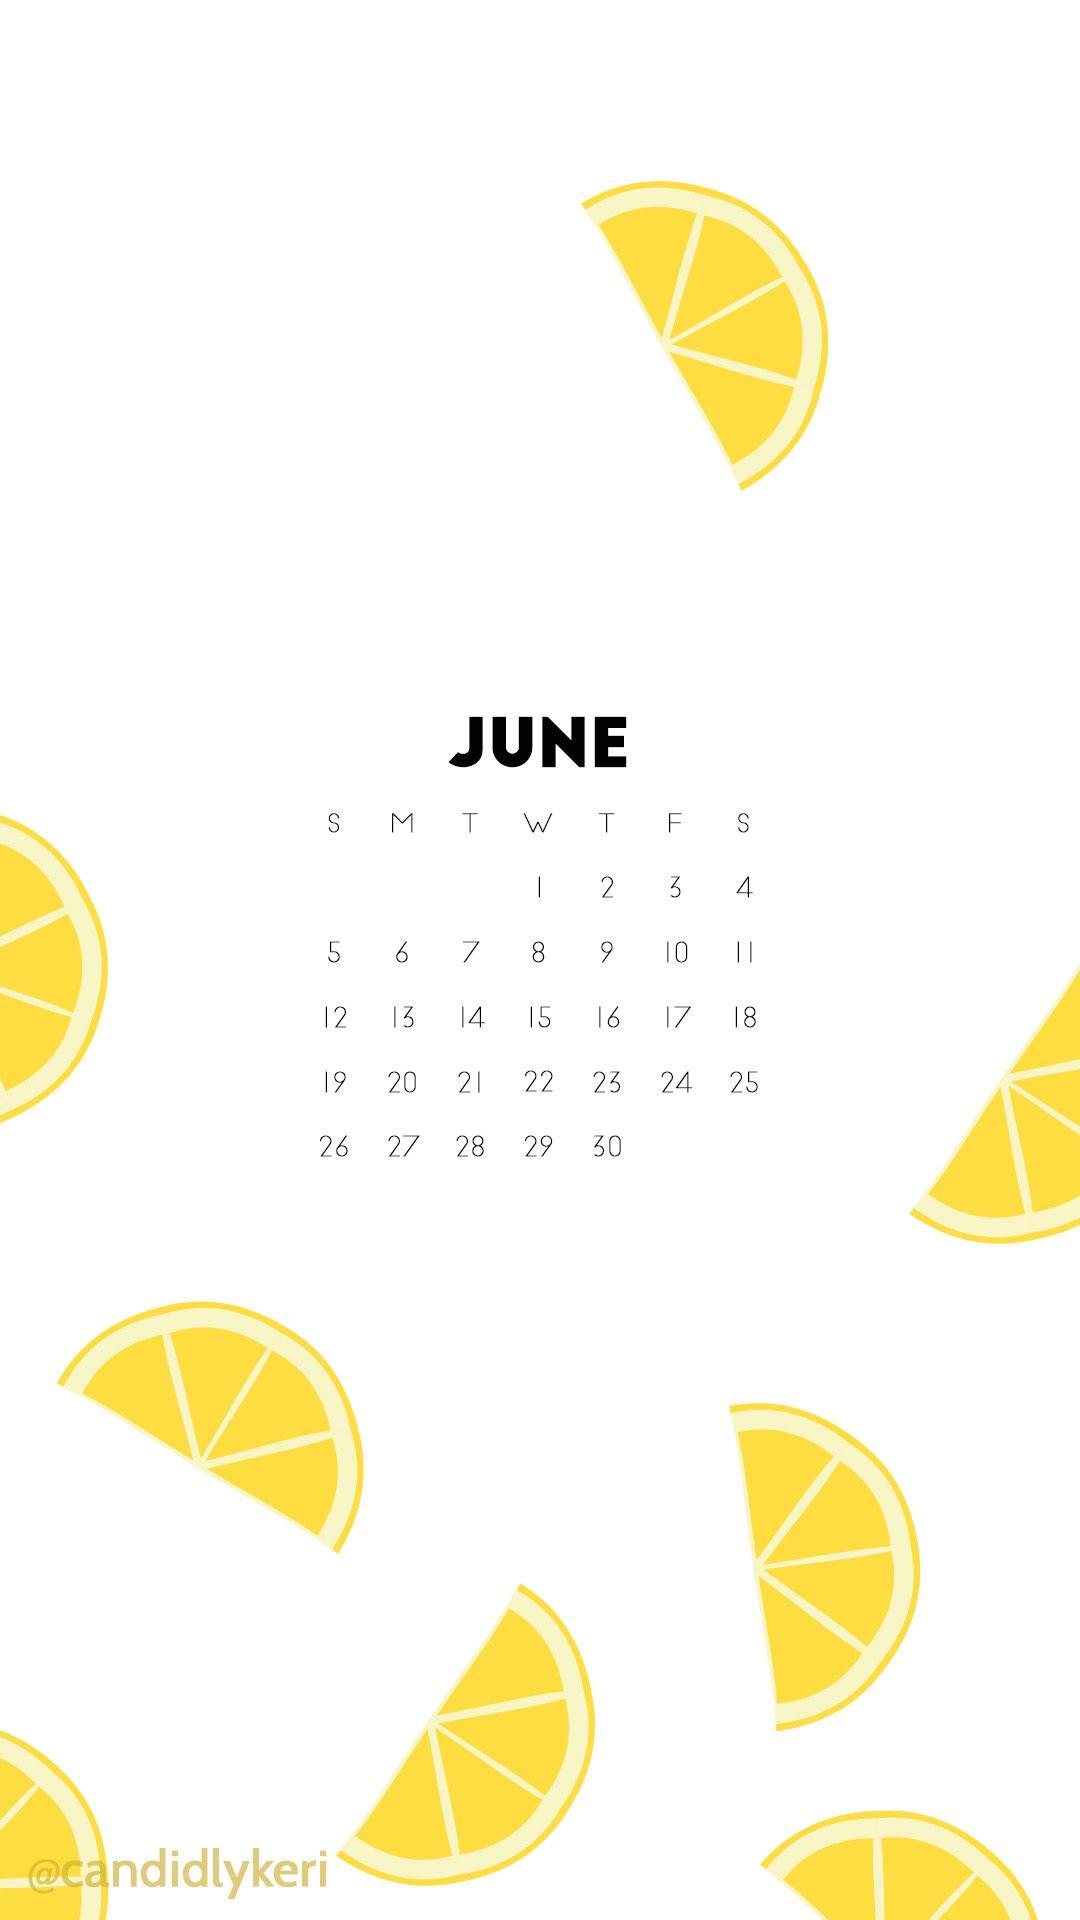 Lemon fun lemonade June 2016 calendar wallpaper download for 1080x1920